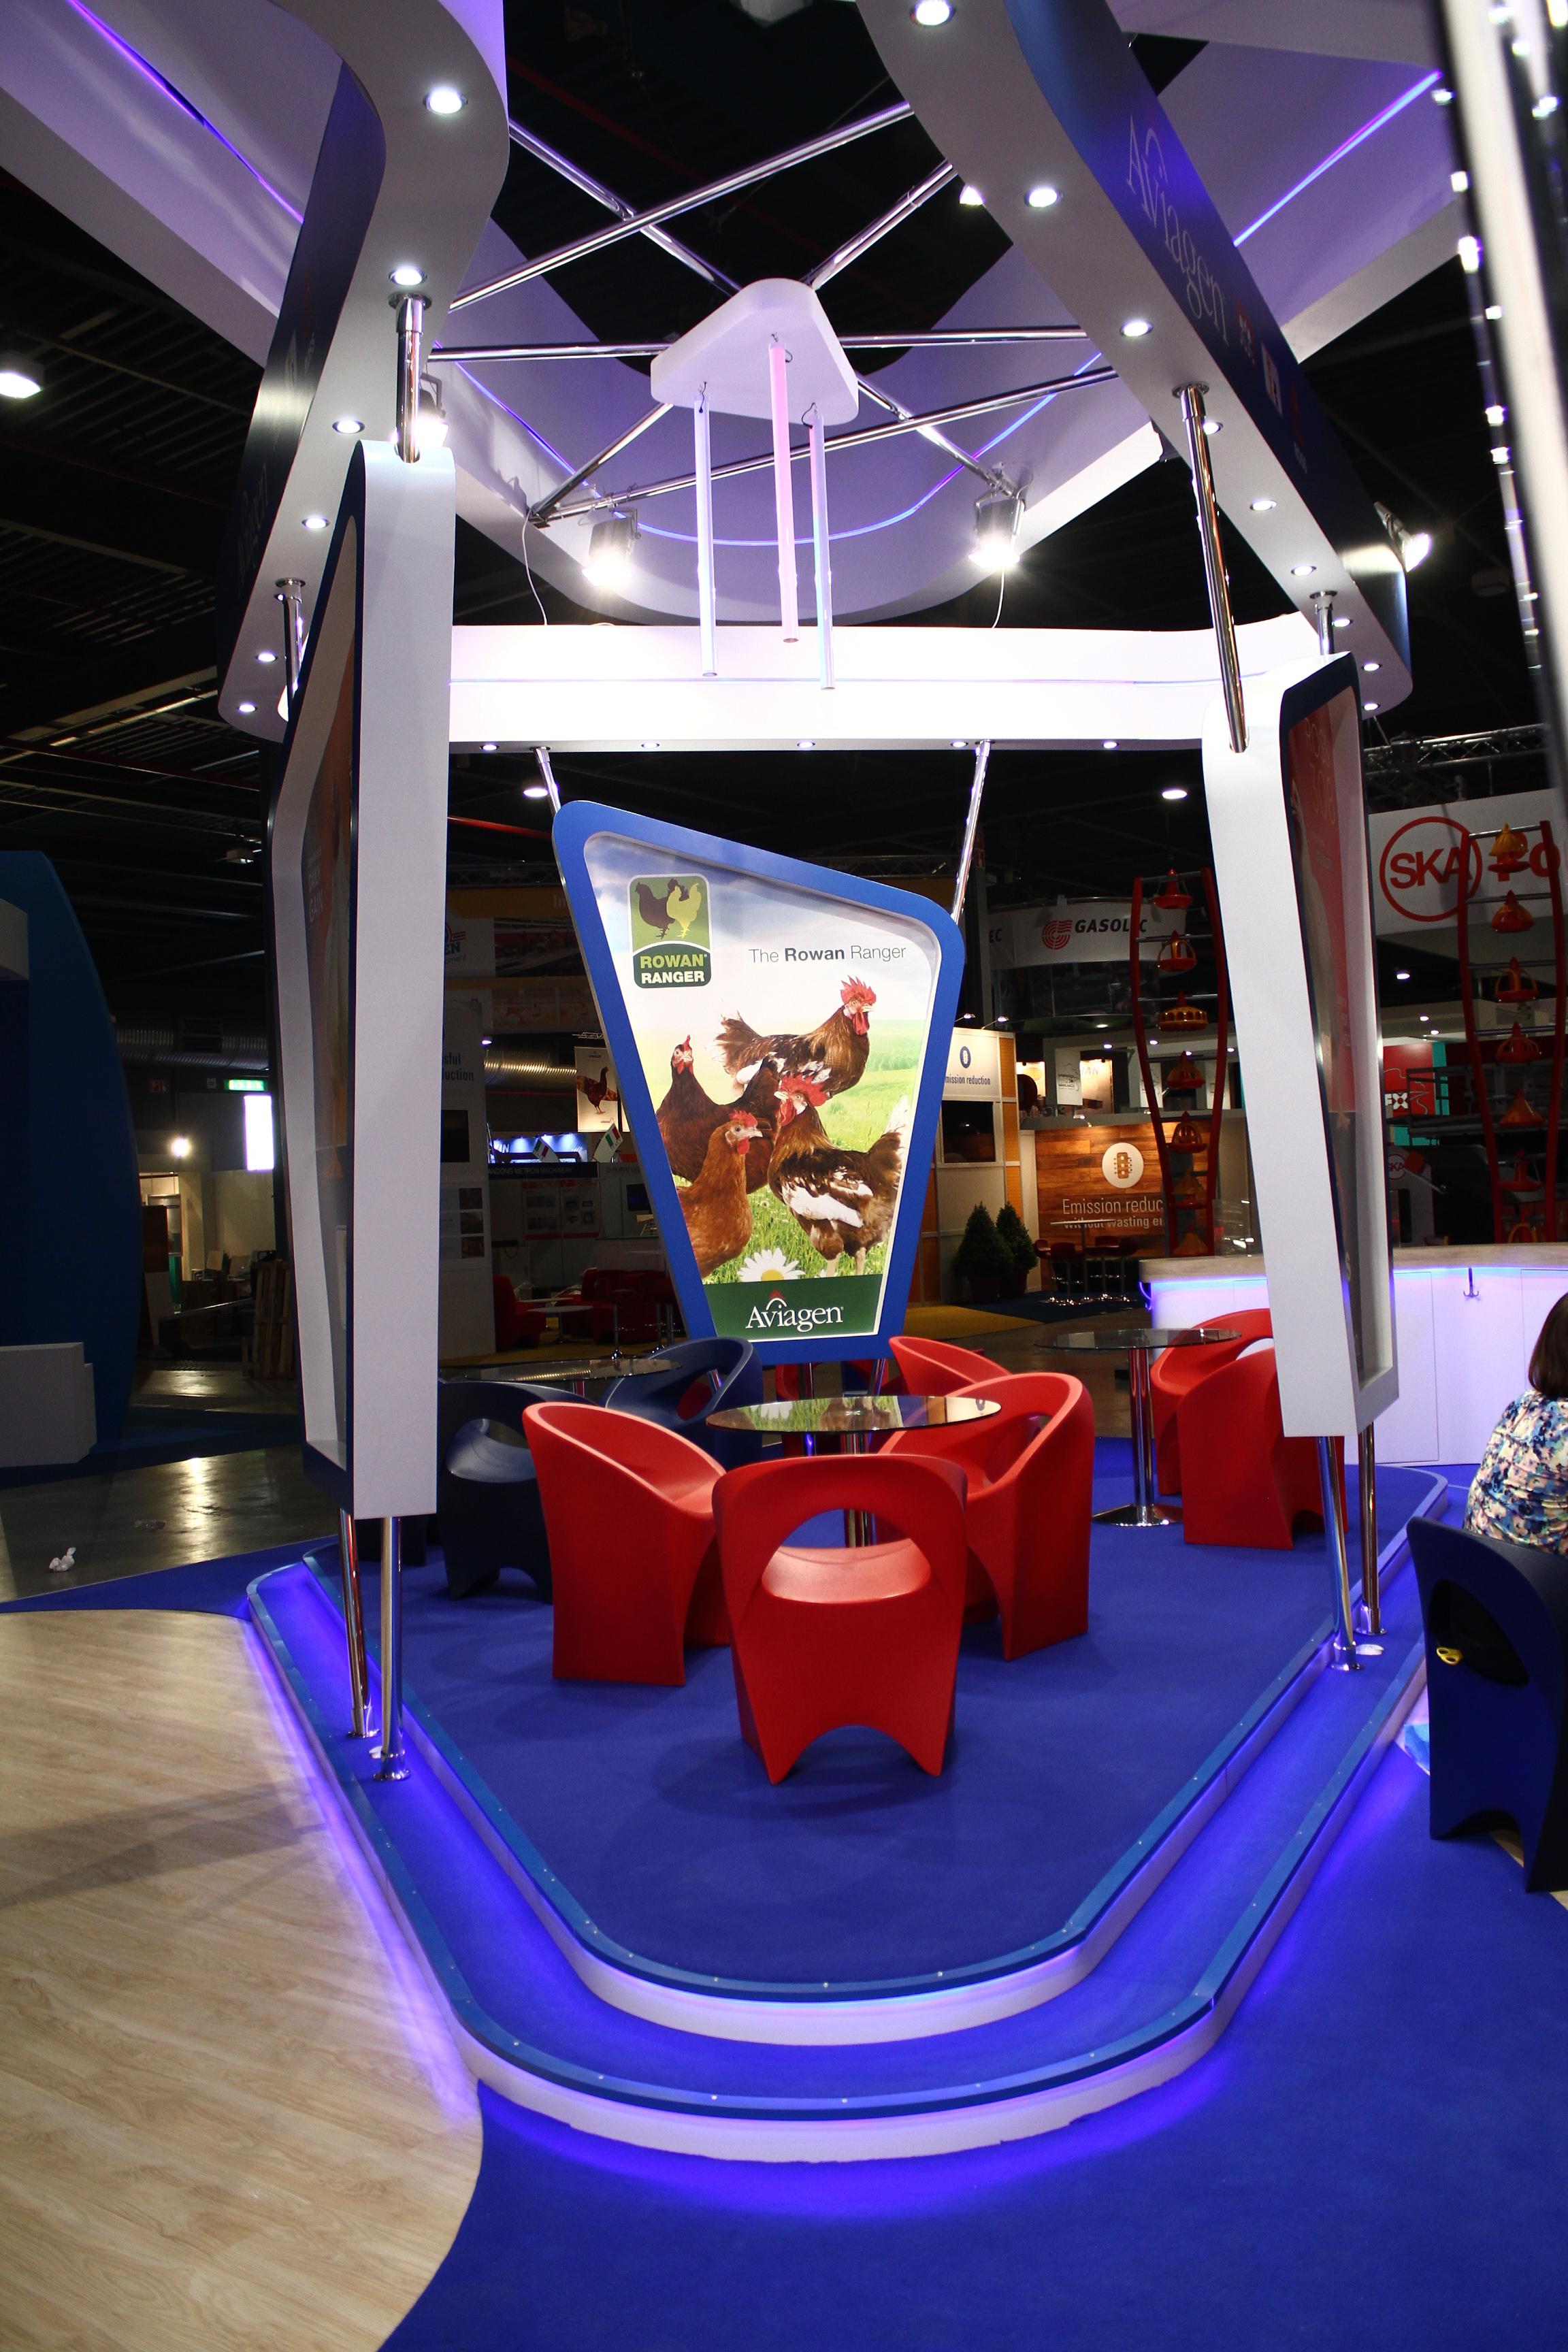 Aviagen-exhibition-stand-seating-platform